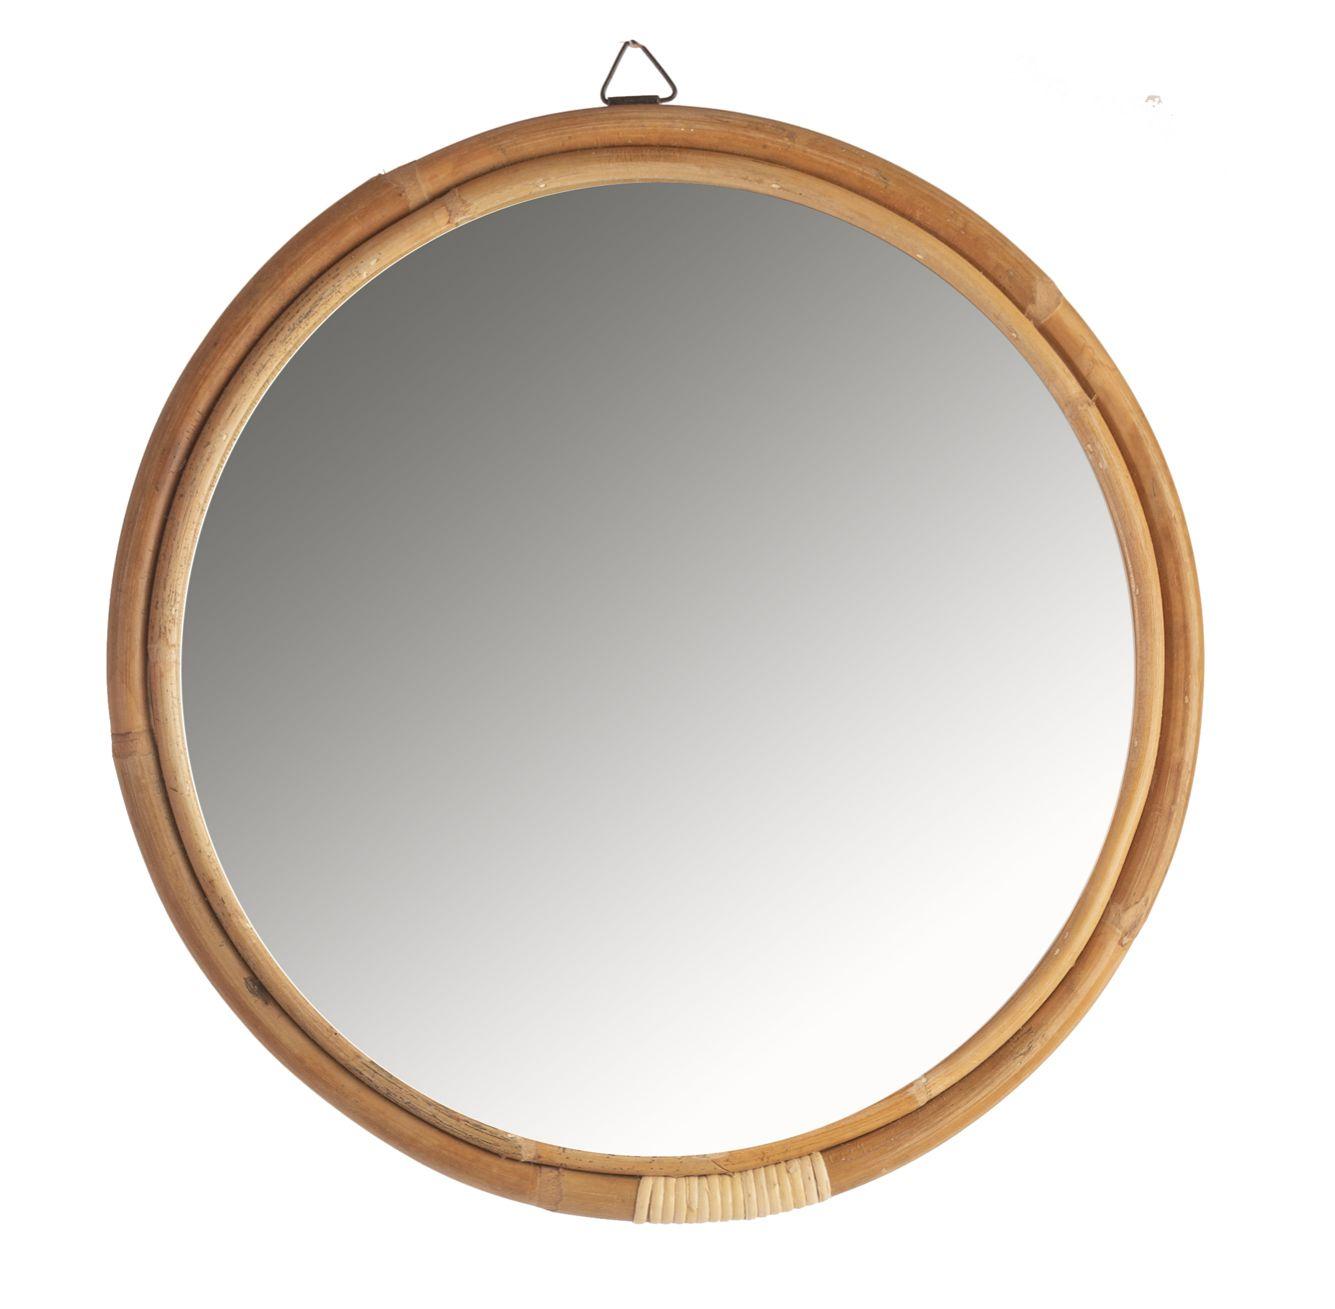 Rotan spiegels